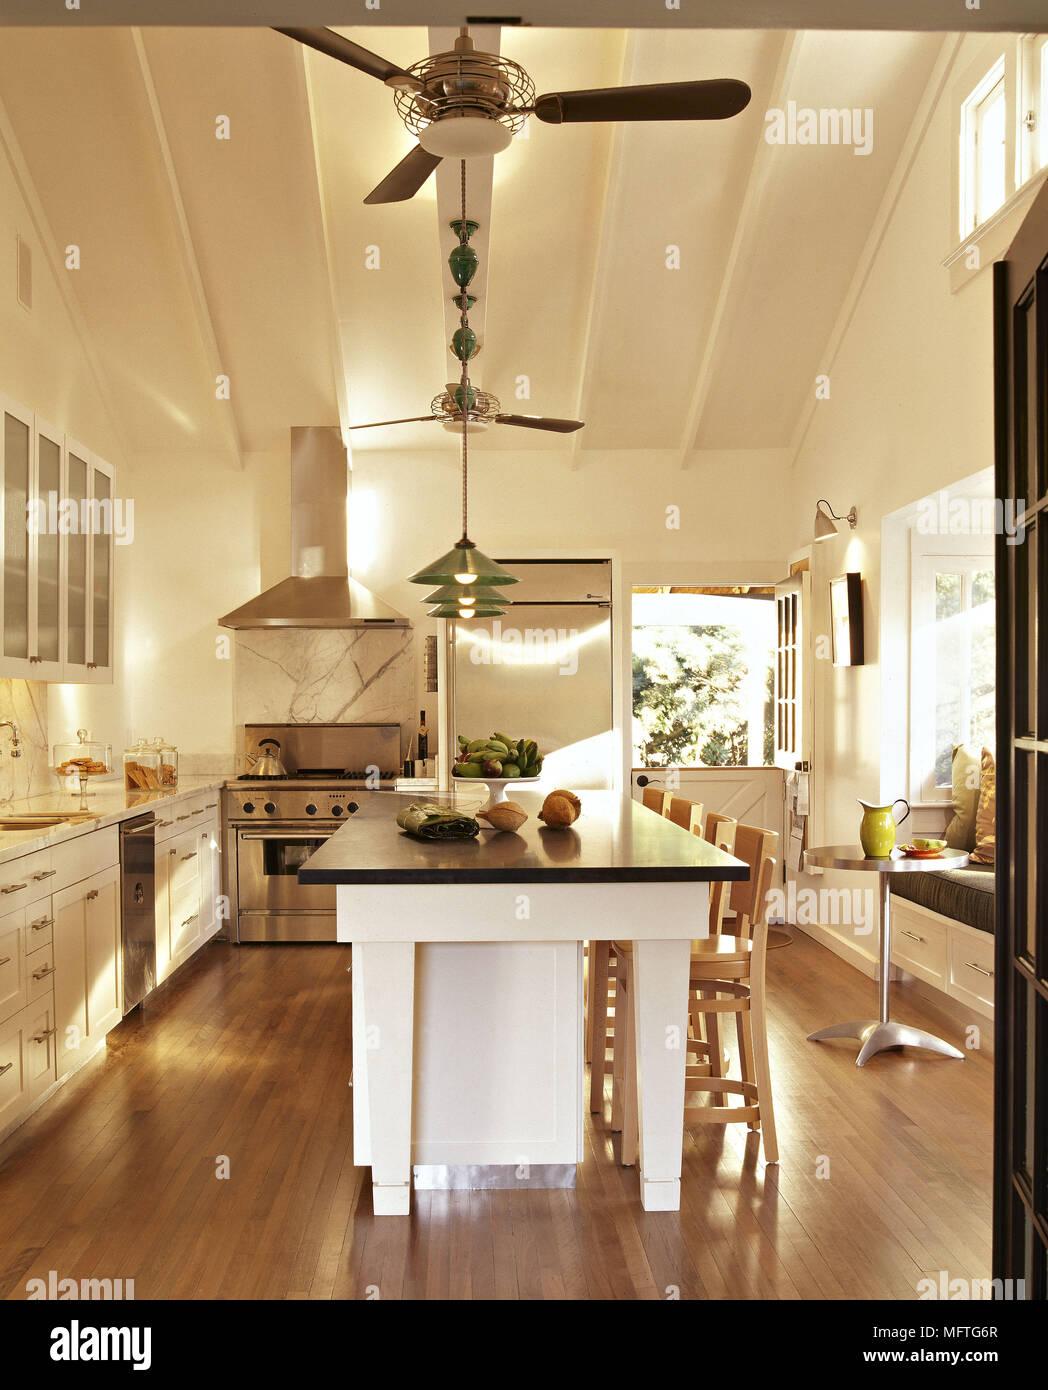 Pa S Moderno Unidades Creme De Cozinha Bancadas Em Granito Preto